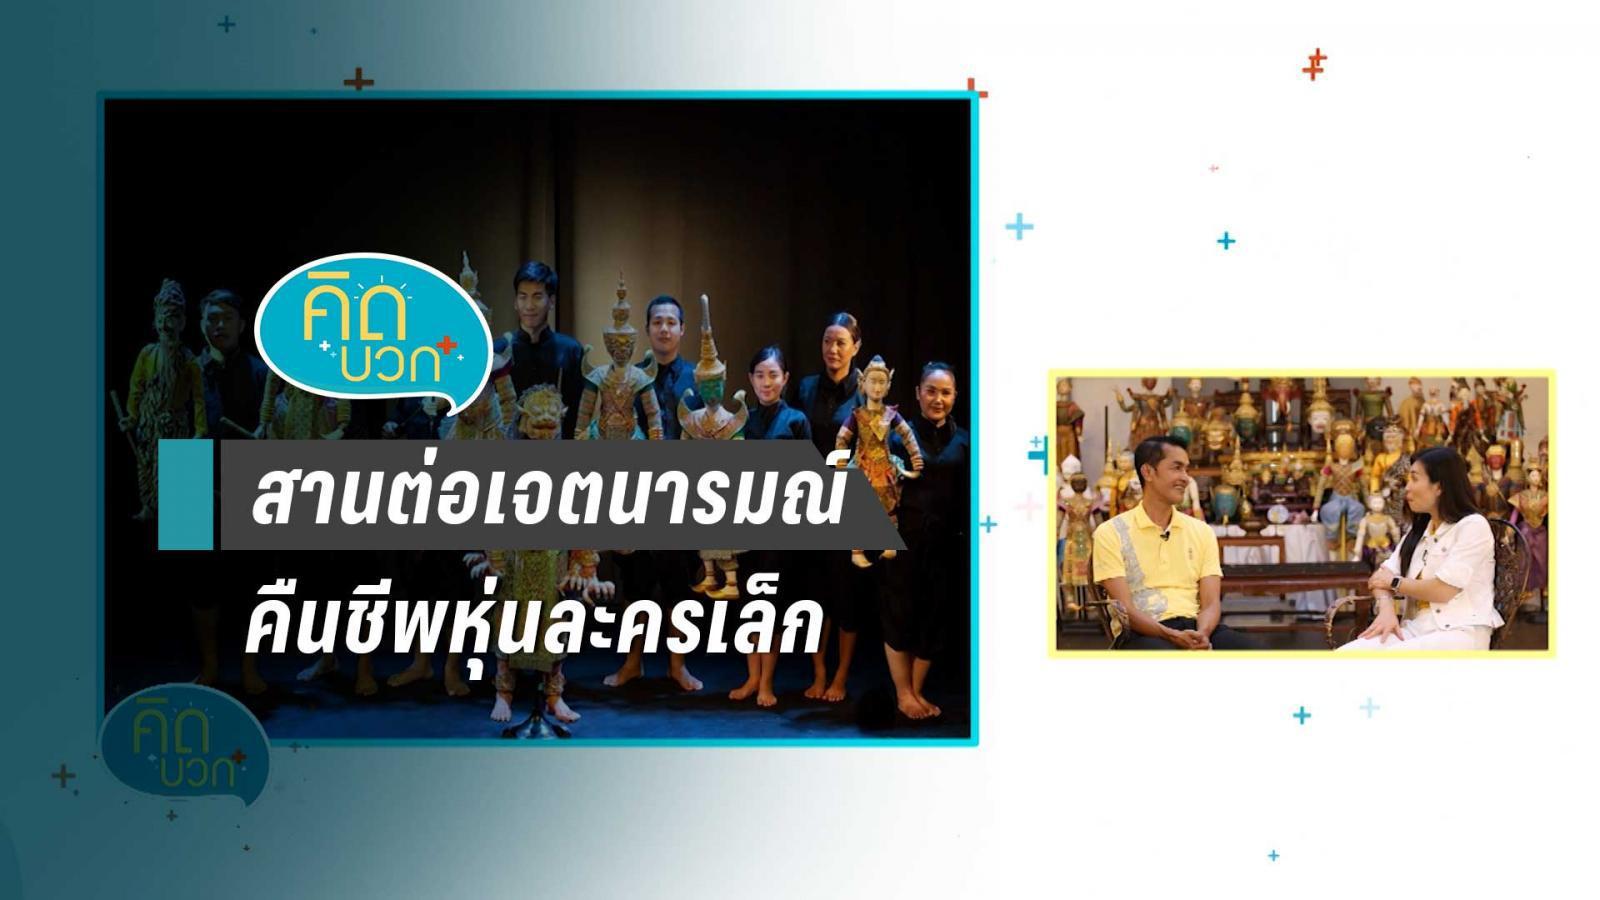 สานต่อเจตนารมณ์ คืนชีพหุ่นละครเล็กมรดกแห่งวัฒนธรรมไทย